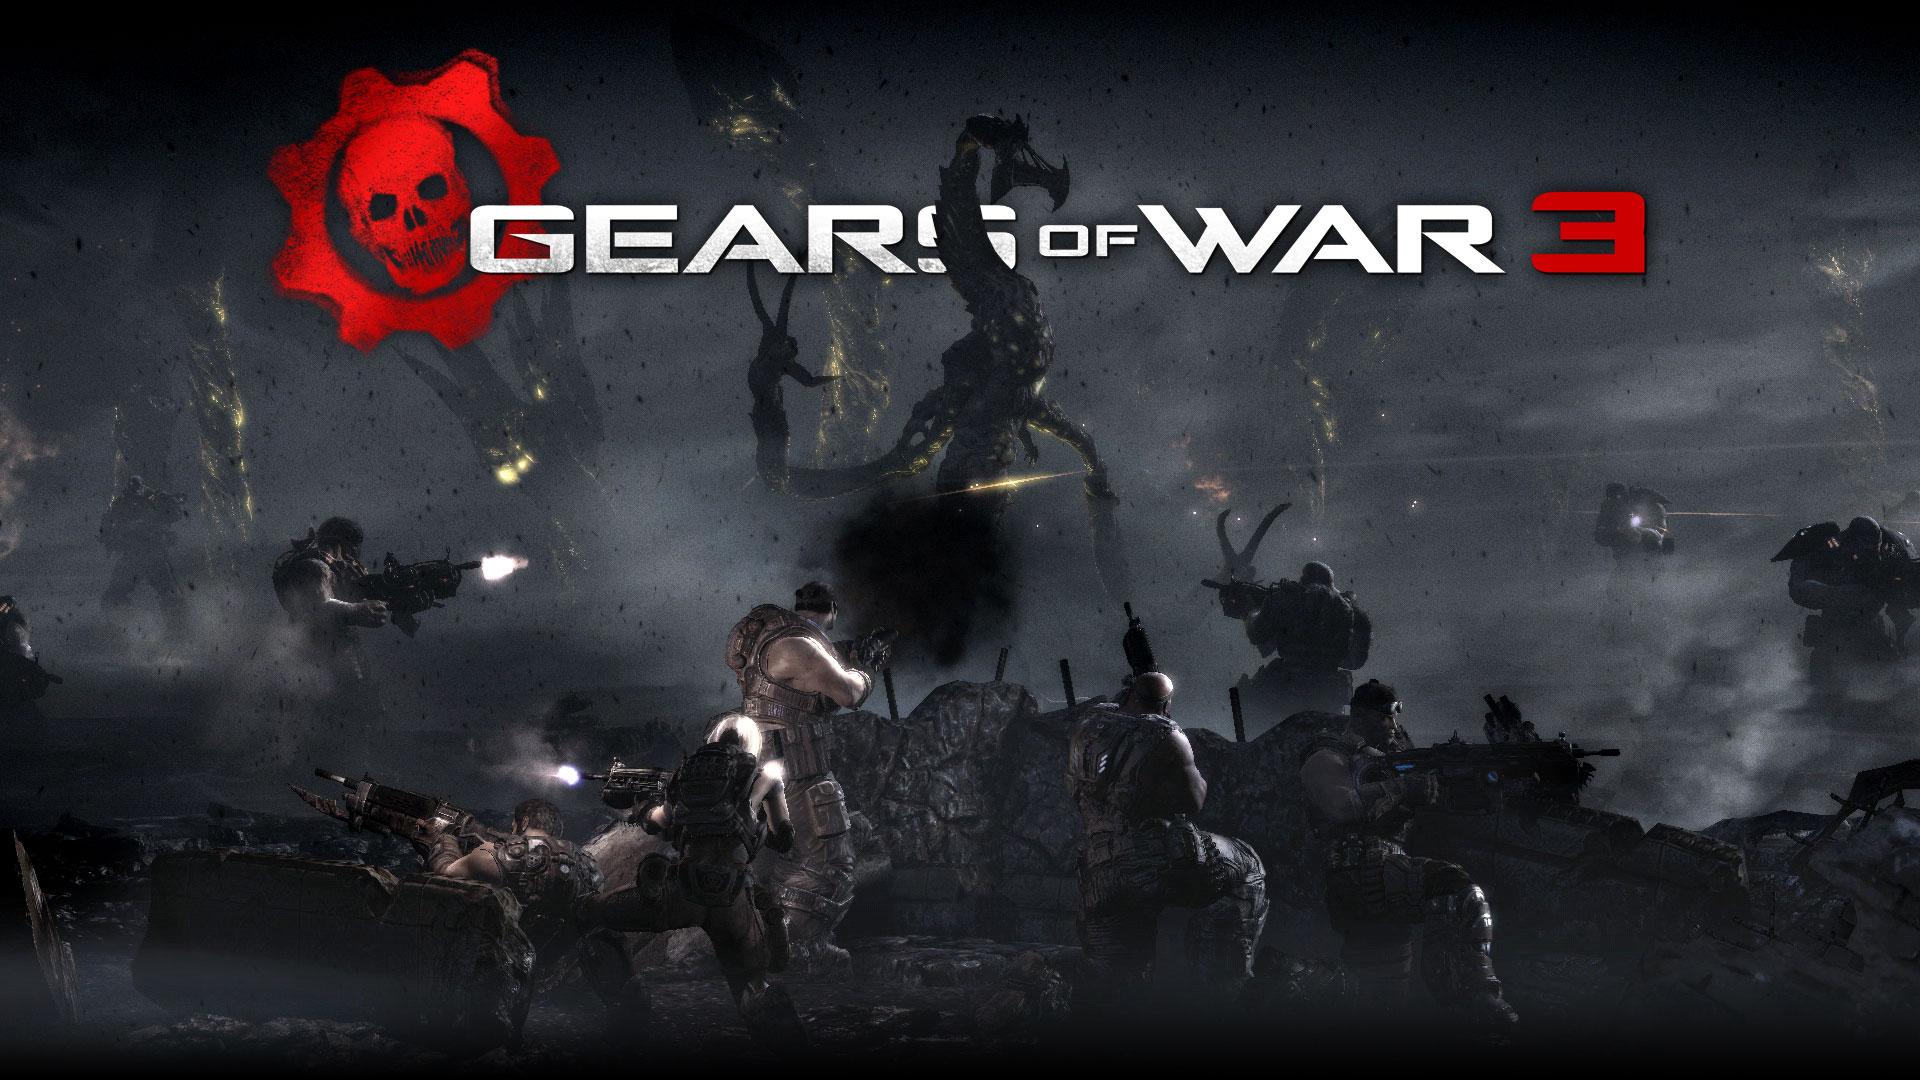 gears-of-war-3-5-tl